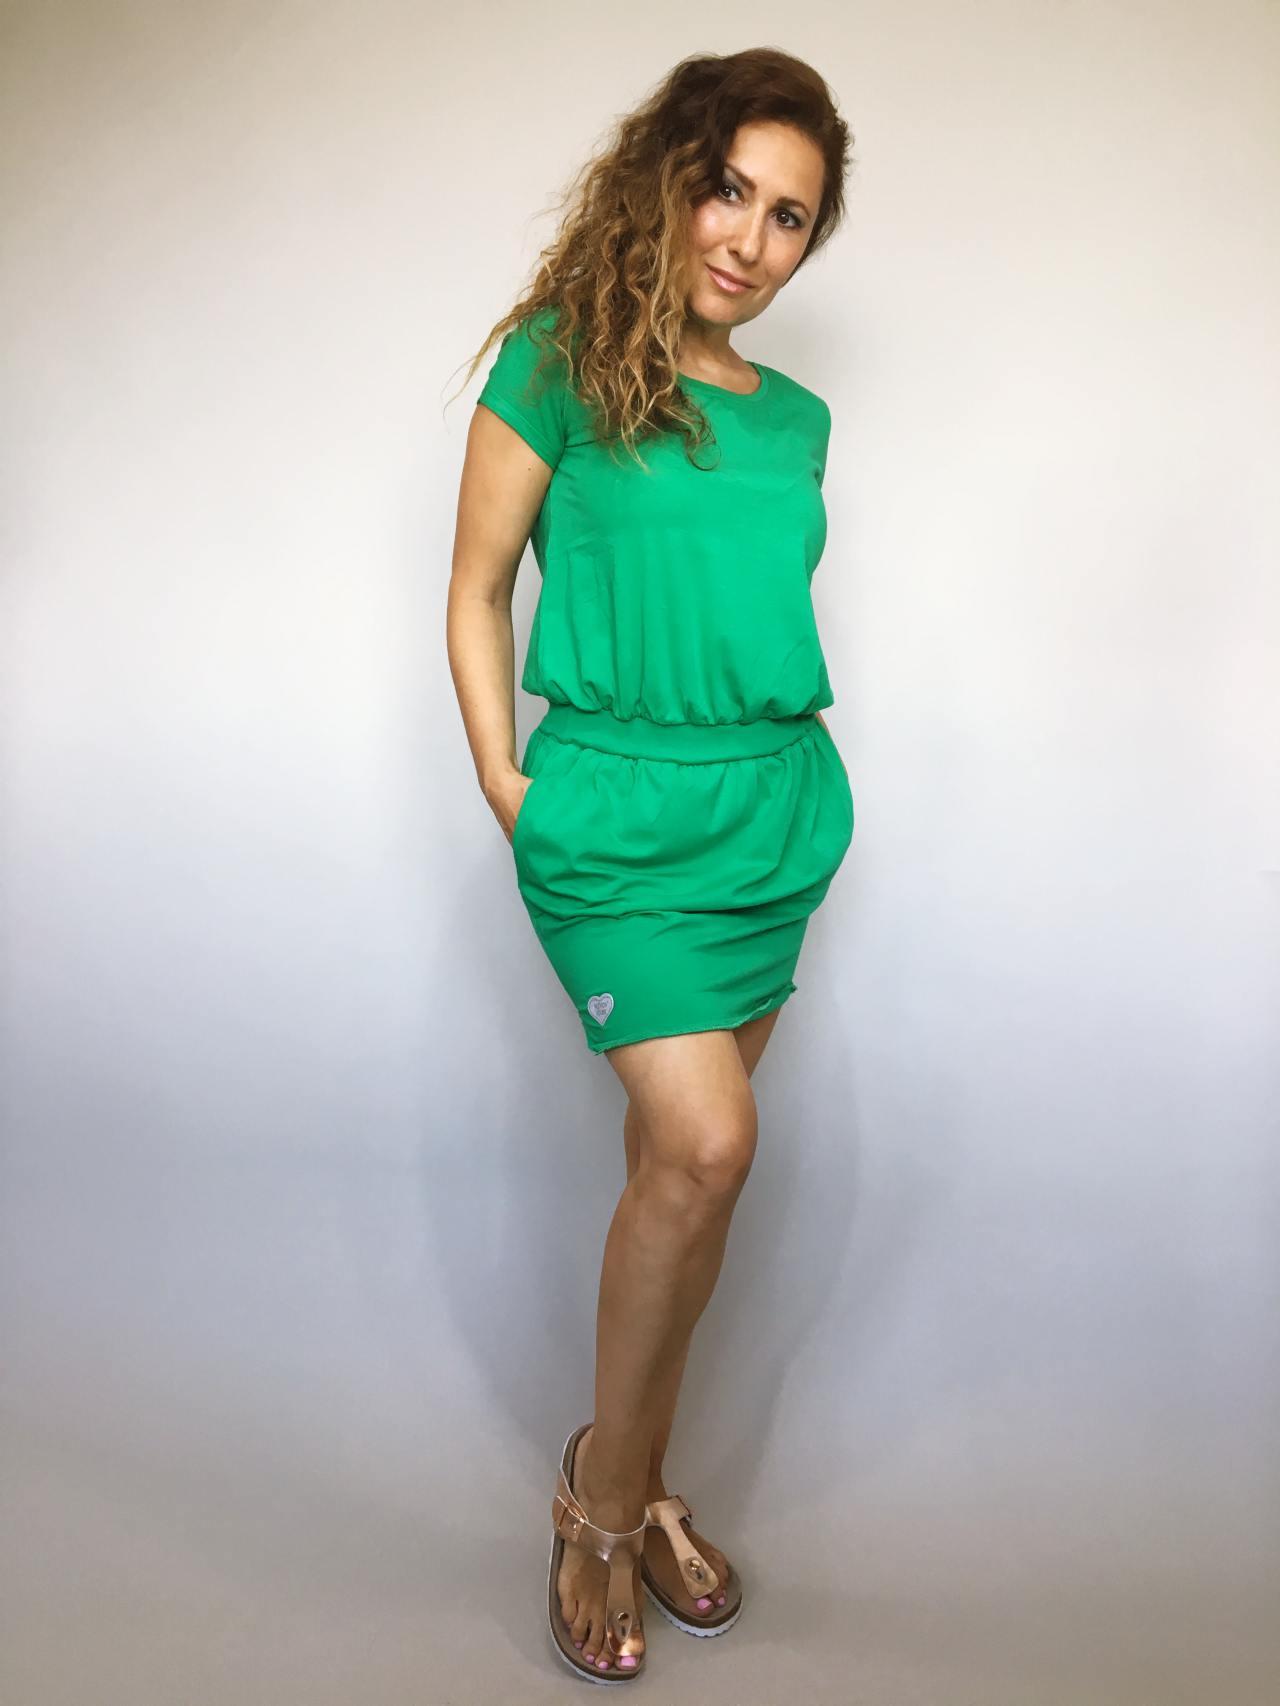 Šaty Carry zelené 01